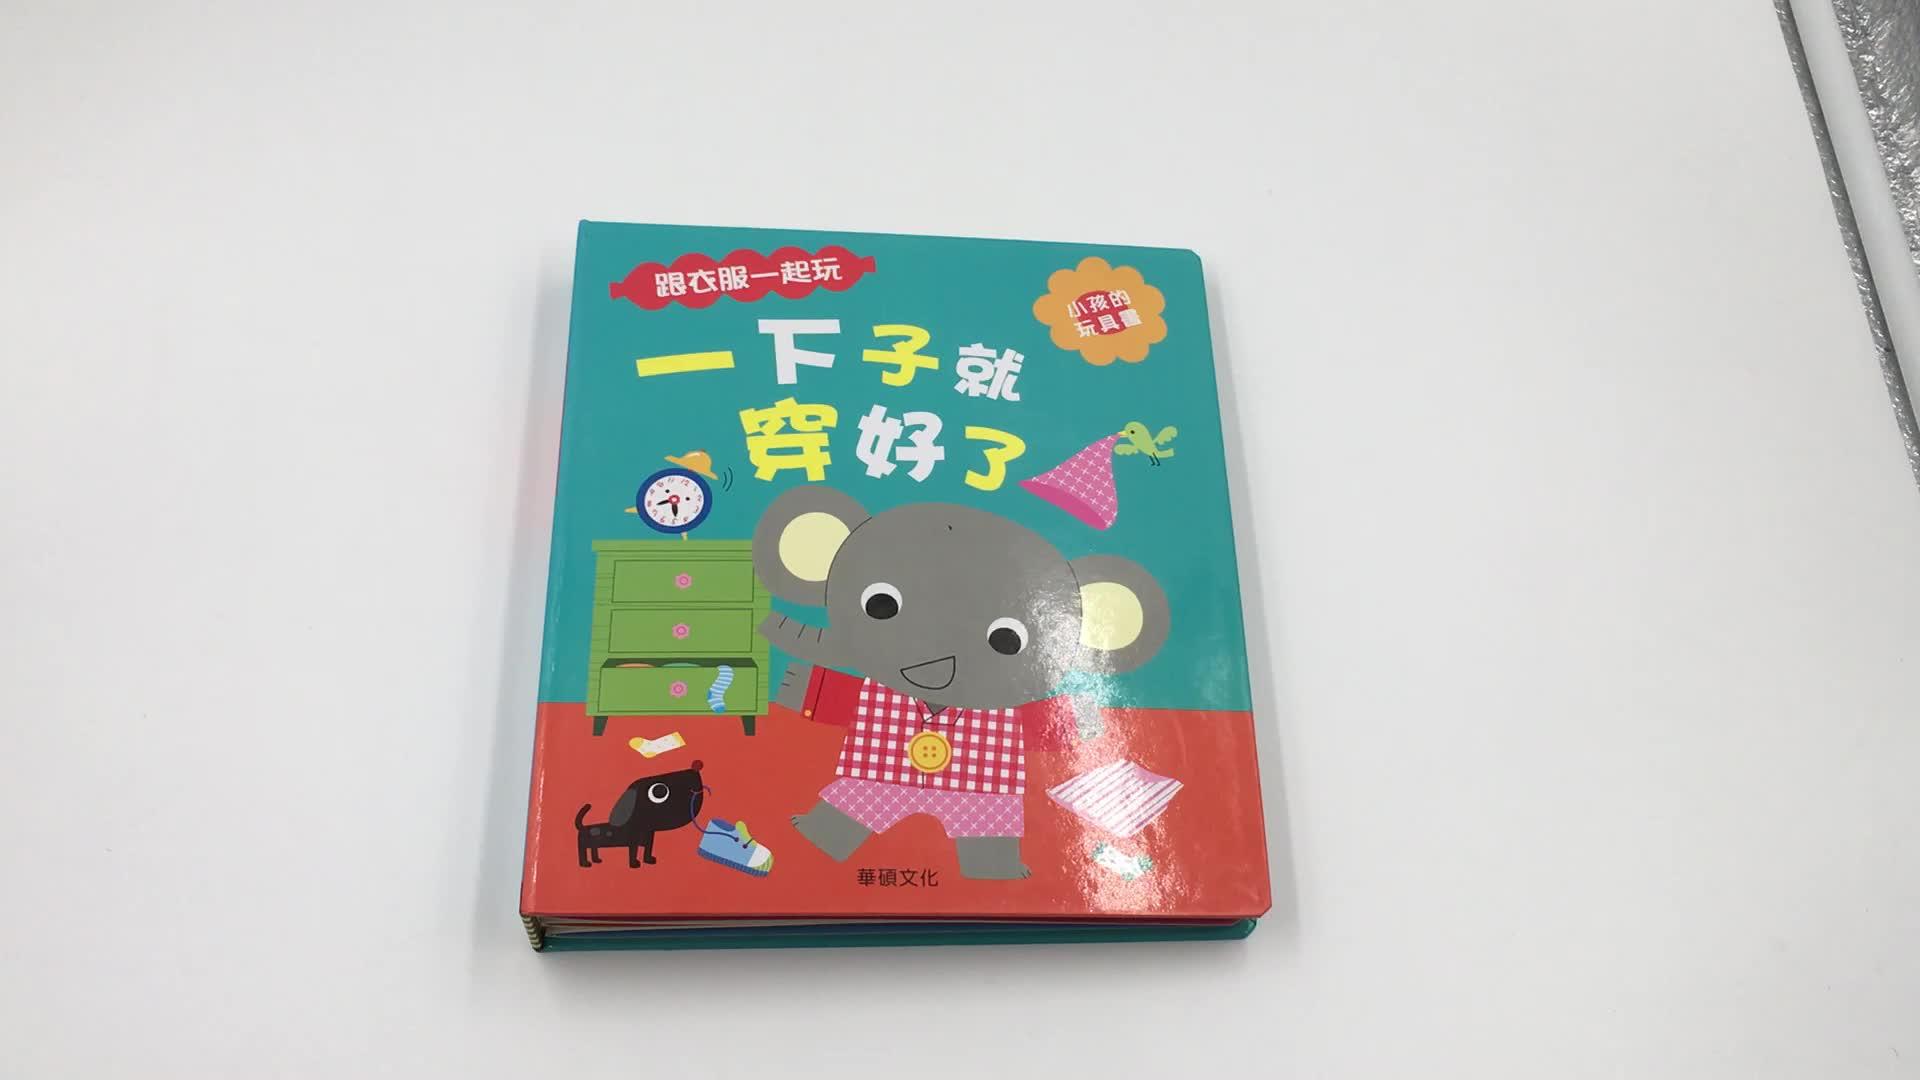 De alta calidad de la imagen de impresión inglés libro de aprendizaje para los niños barato para colorear libro de la Junta los niños libro fabricado